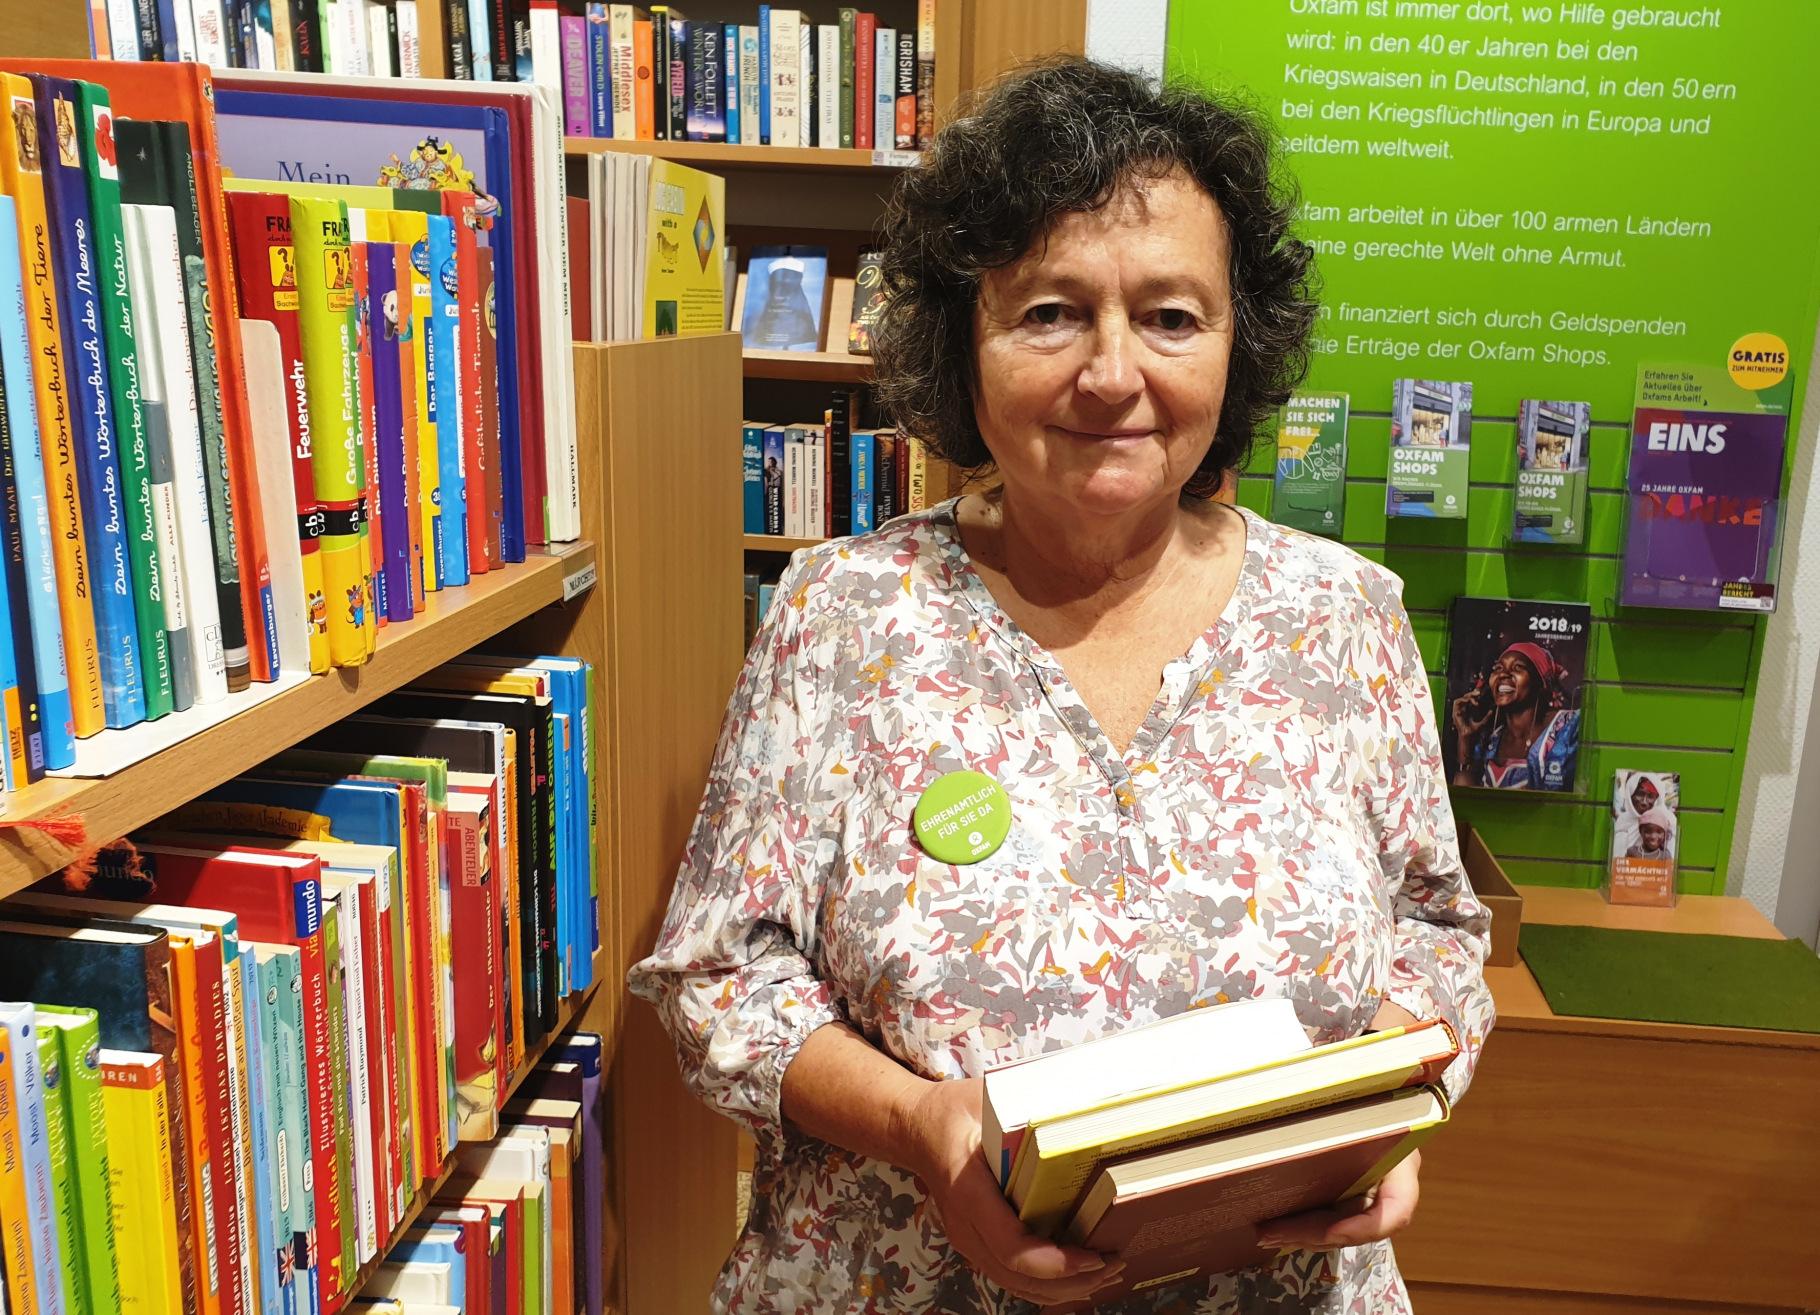 Ehrenamtliche Irmgard Matthes-Borufka im Oxfam Buchshop Darmstadt